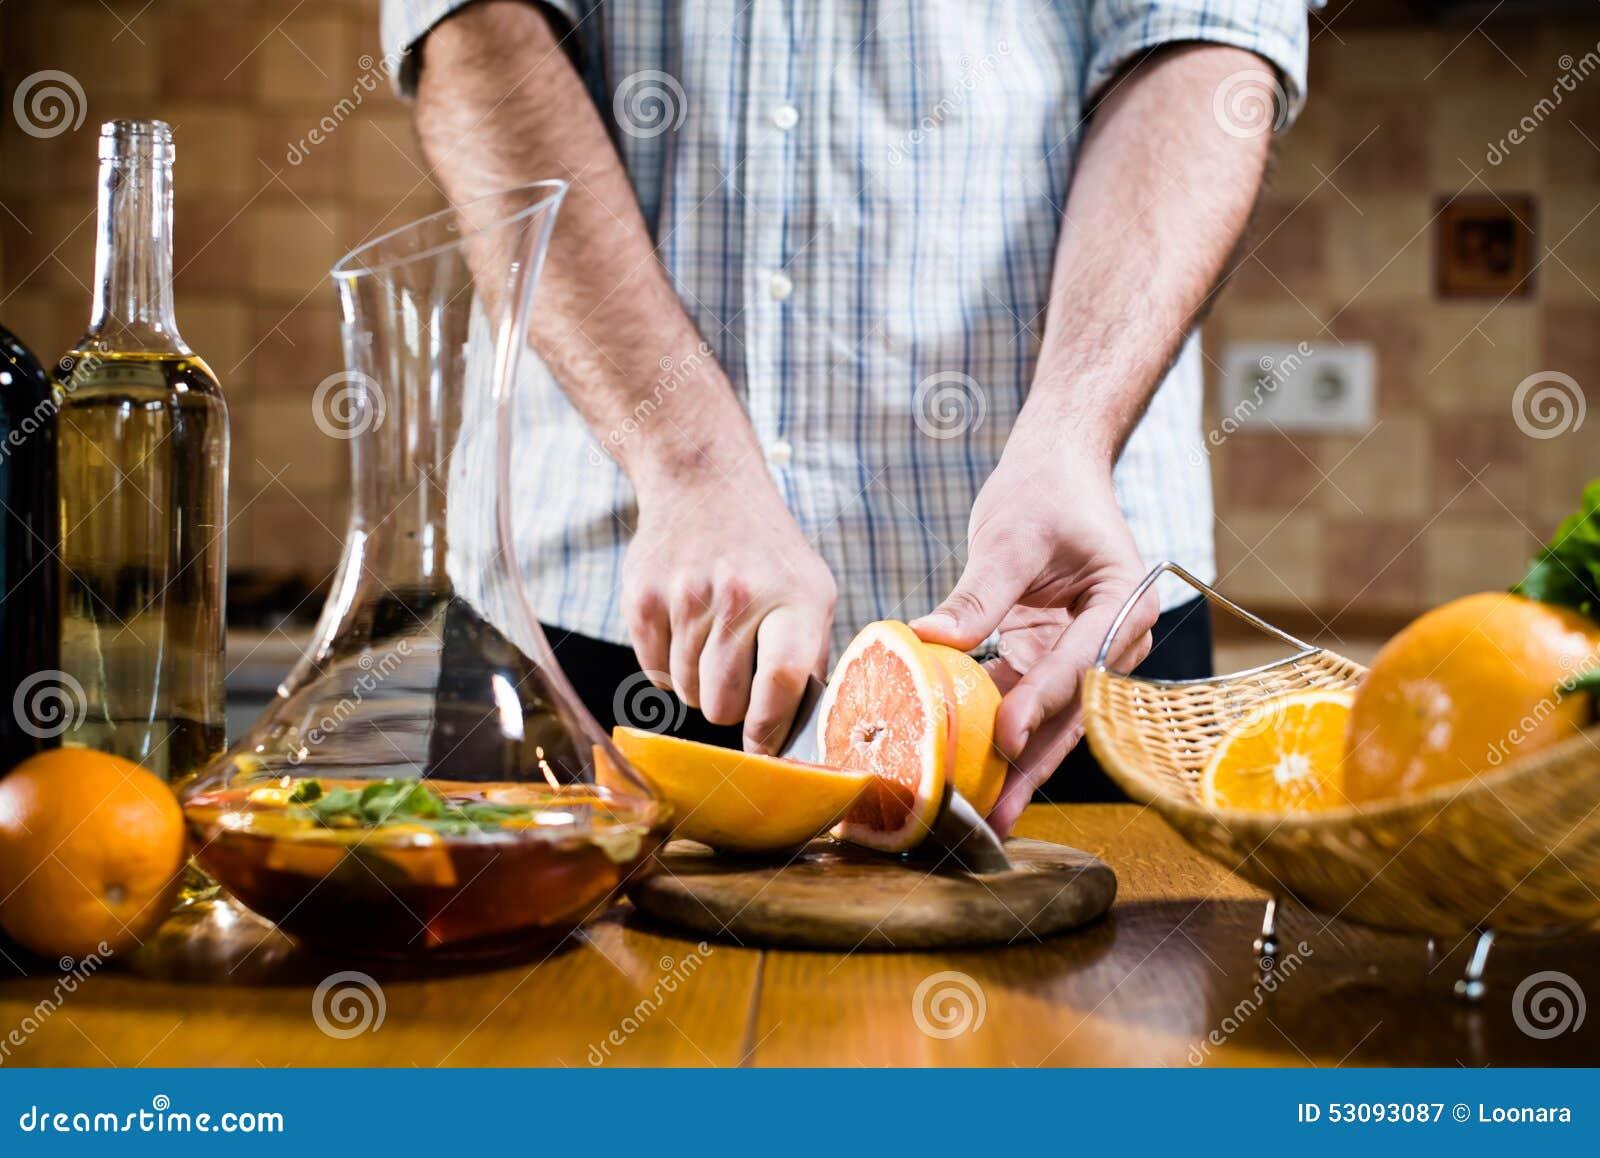 El hombre corta los pomelos frescos